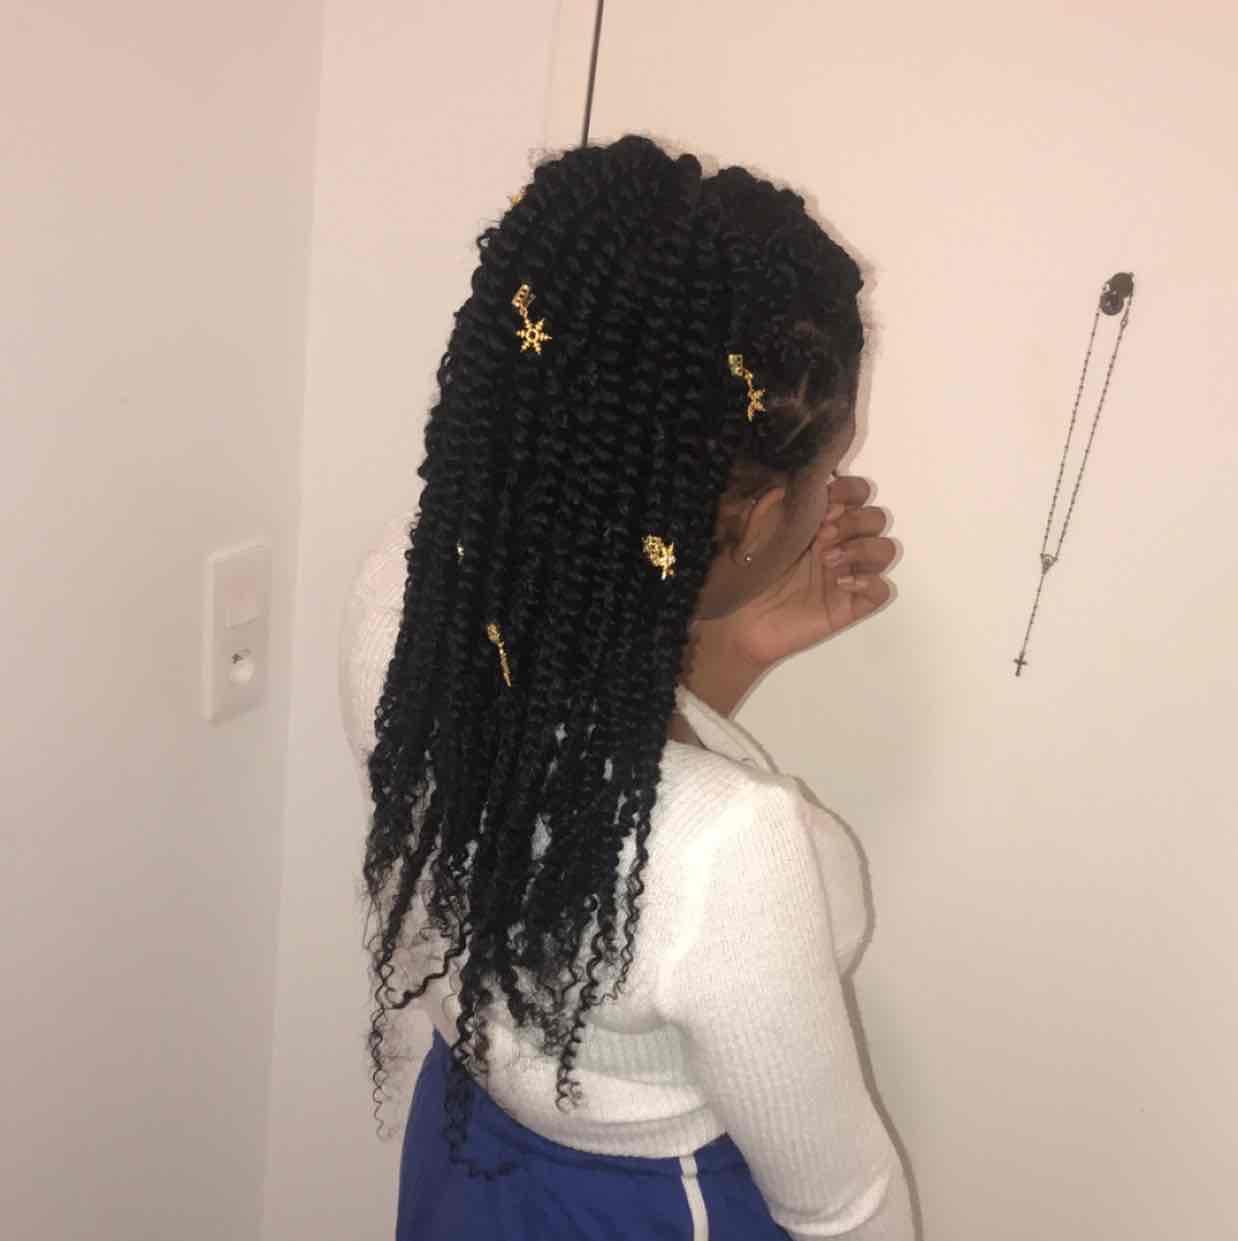 salon de coiffure afro tresse tresses box braids crochet braids vanilles tissages paris 75 77 78 91 92 93 94 95 CMQUGNYB